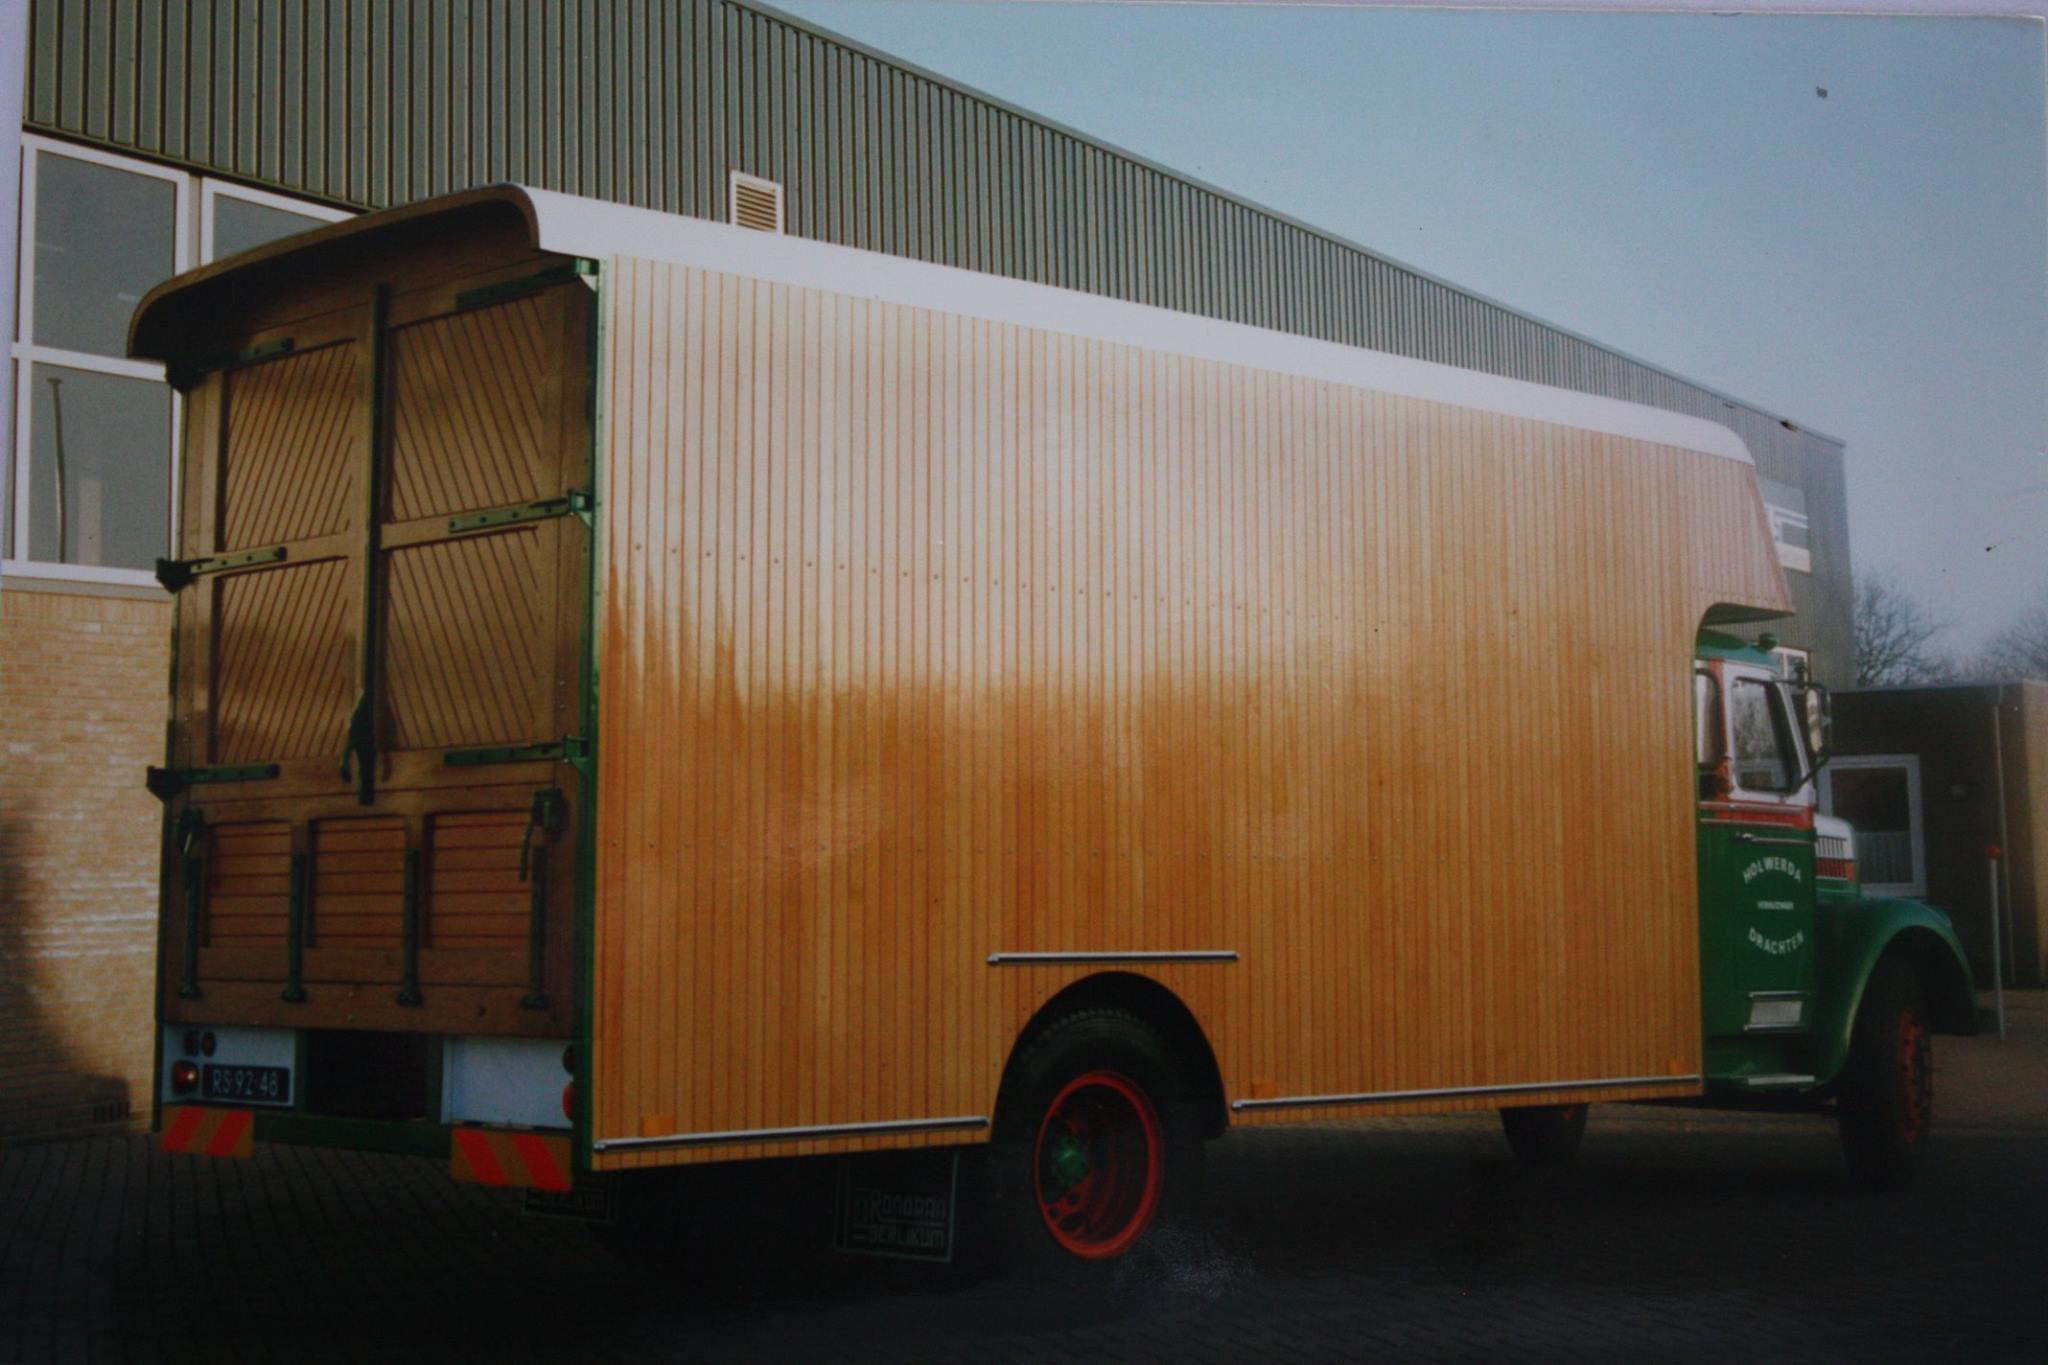 Op-deze-mooi-oude-Scania-is-de-complete-houten-dichte-laadbak-door-mijn-vader-Pieter-Rondaan-vernieuwd-voor-Holwerda-verhuizingen-uit-Drachten-2